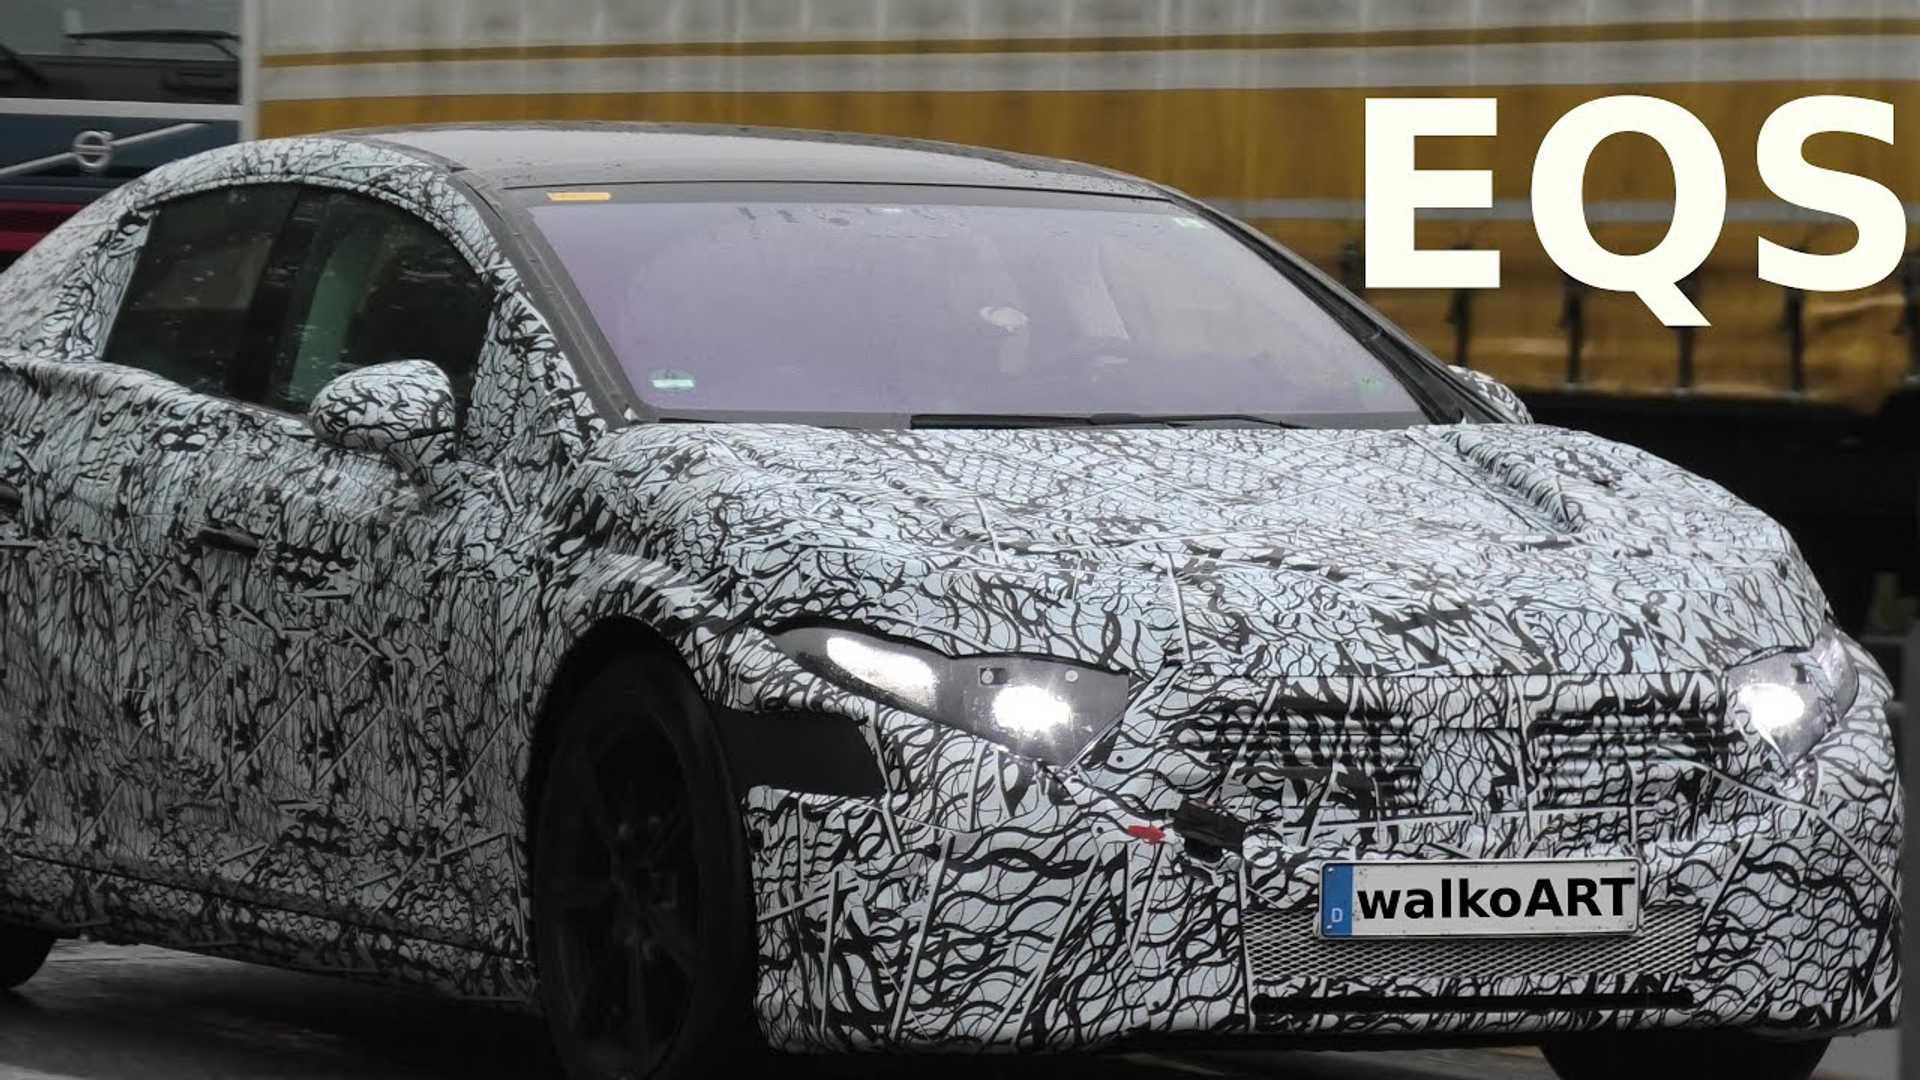 Прототип Mercedes-Benz EQS все еще находится под тяжелым камуфляжем